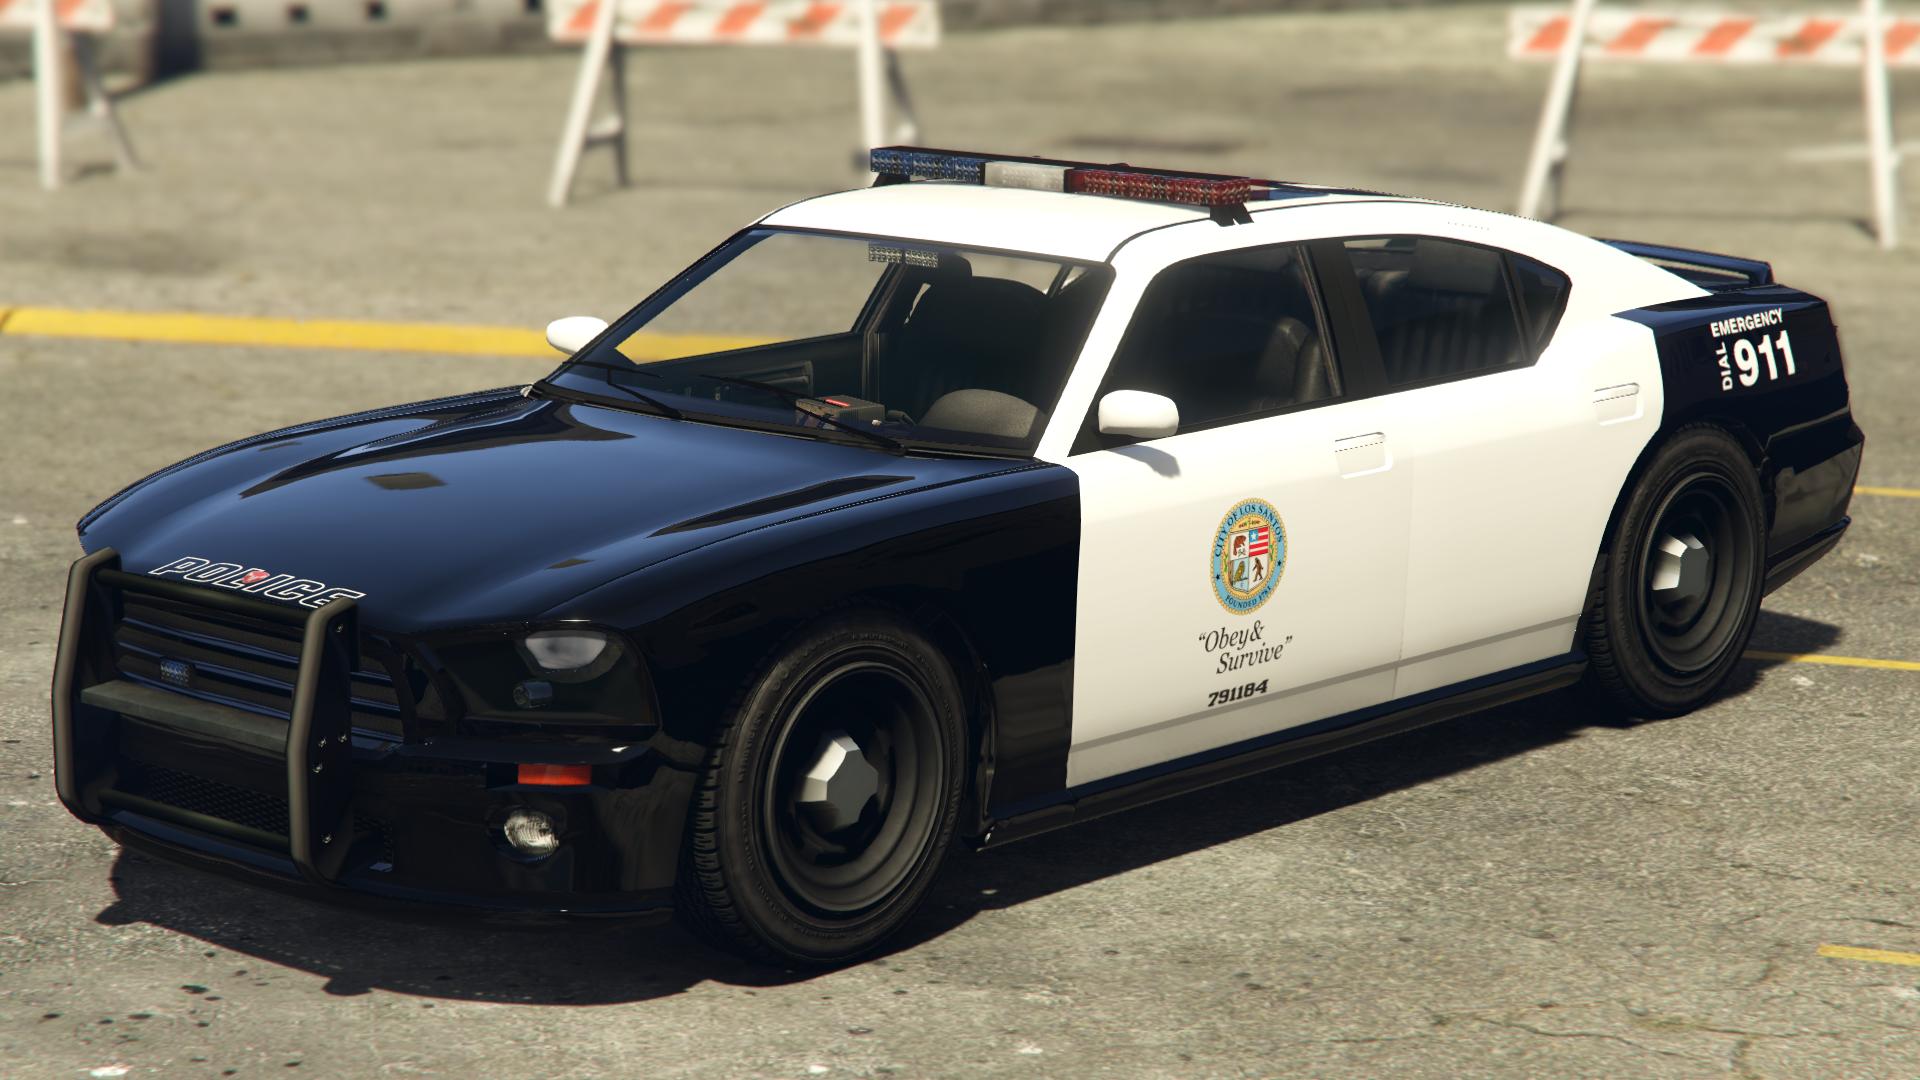 Police Cruiser | GTA Wiki | FANDOM powered by Wikia